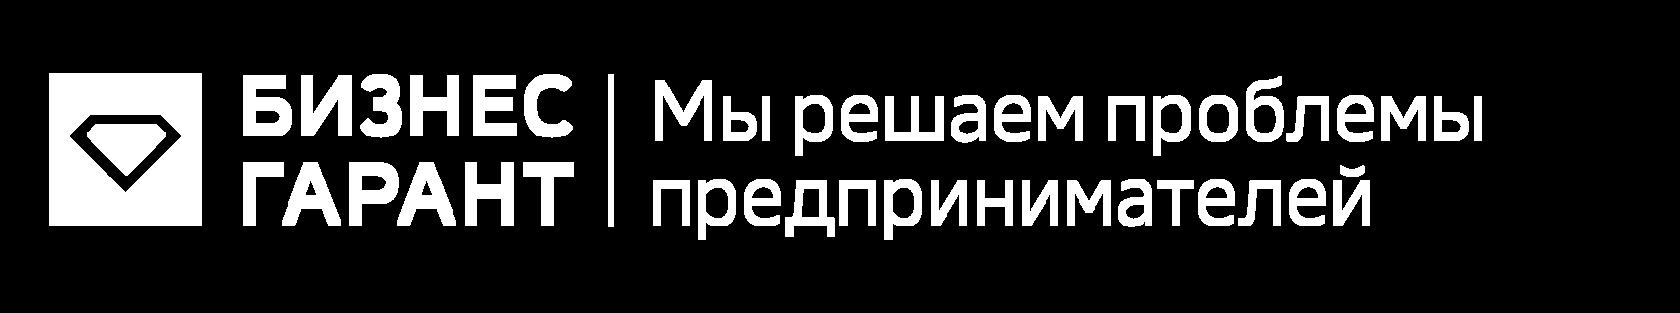 БИЗНЕС-ГАРАНТ